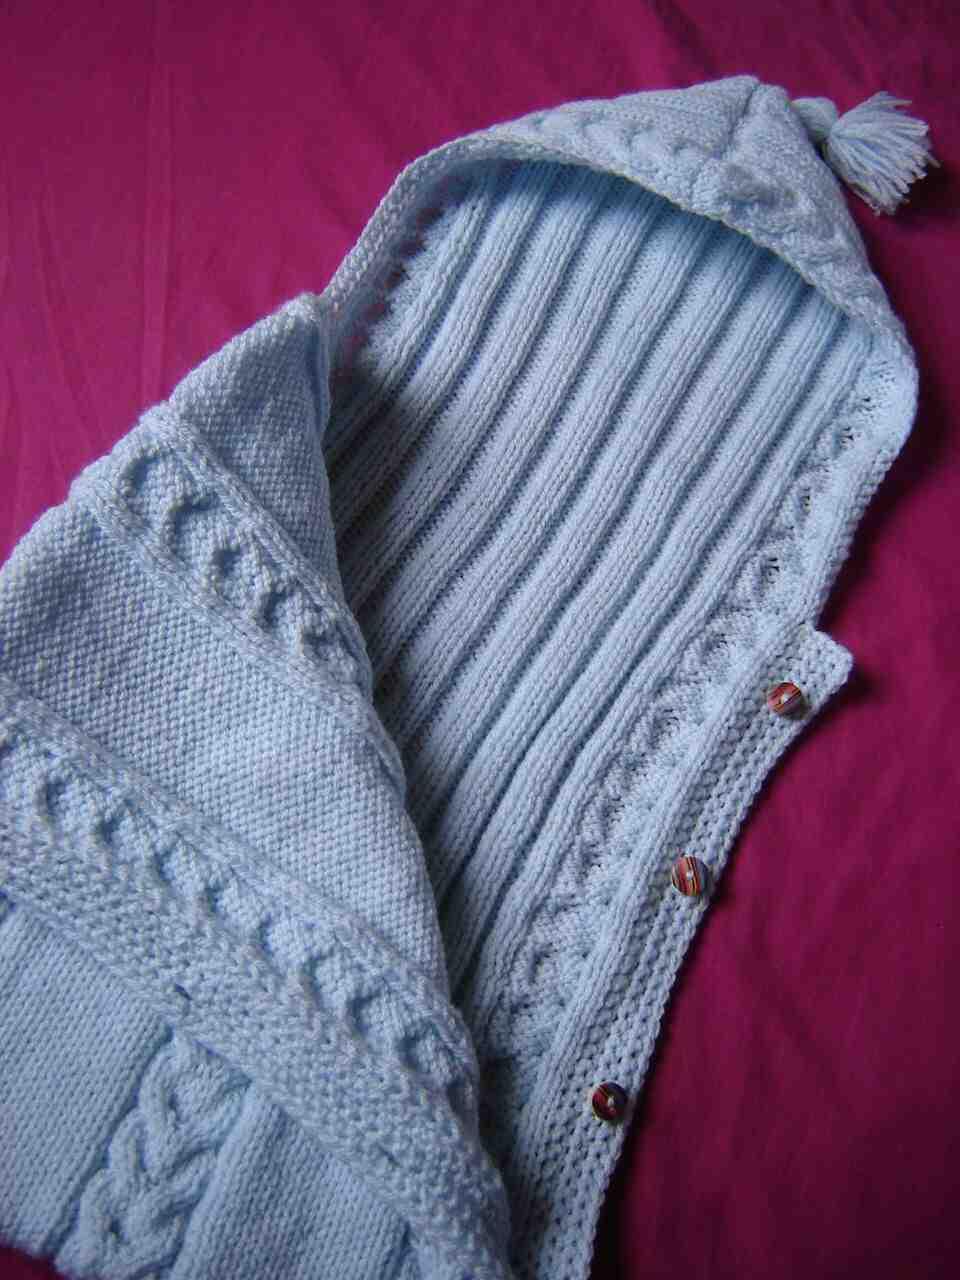 Comment faire un nid d'ange au tricot ?